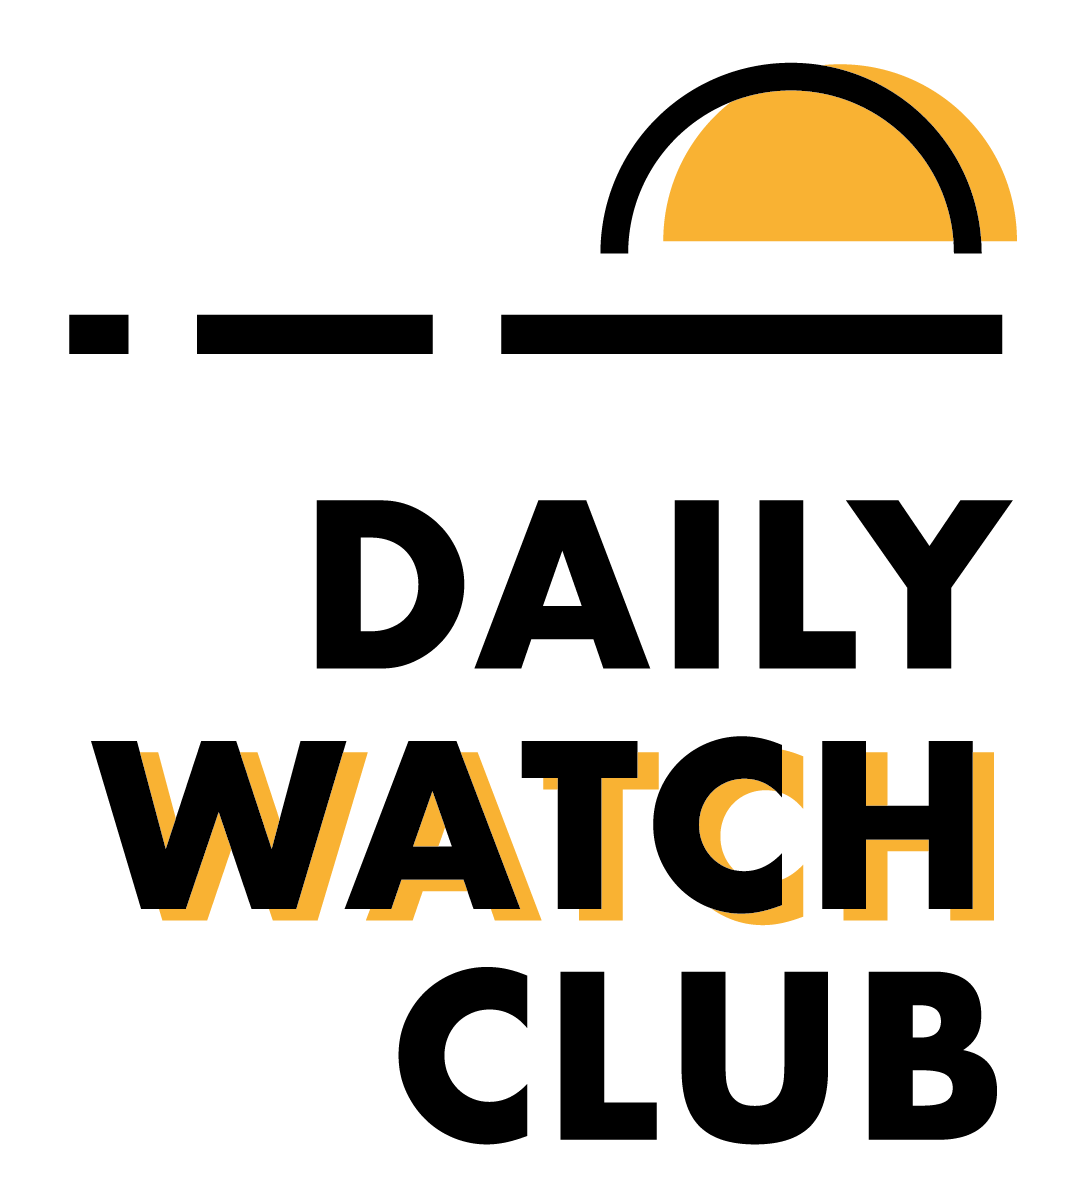 Alle 3 Daily Watch Club kortingscodes geldig in mei 2019